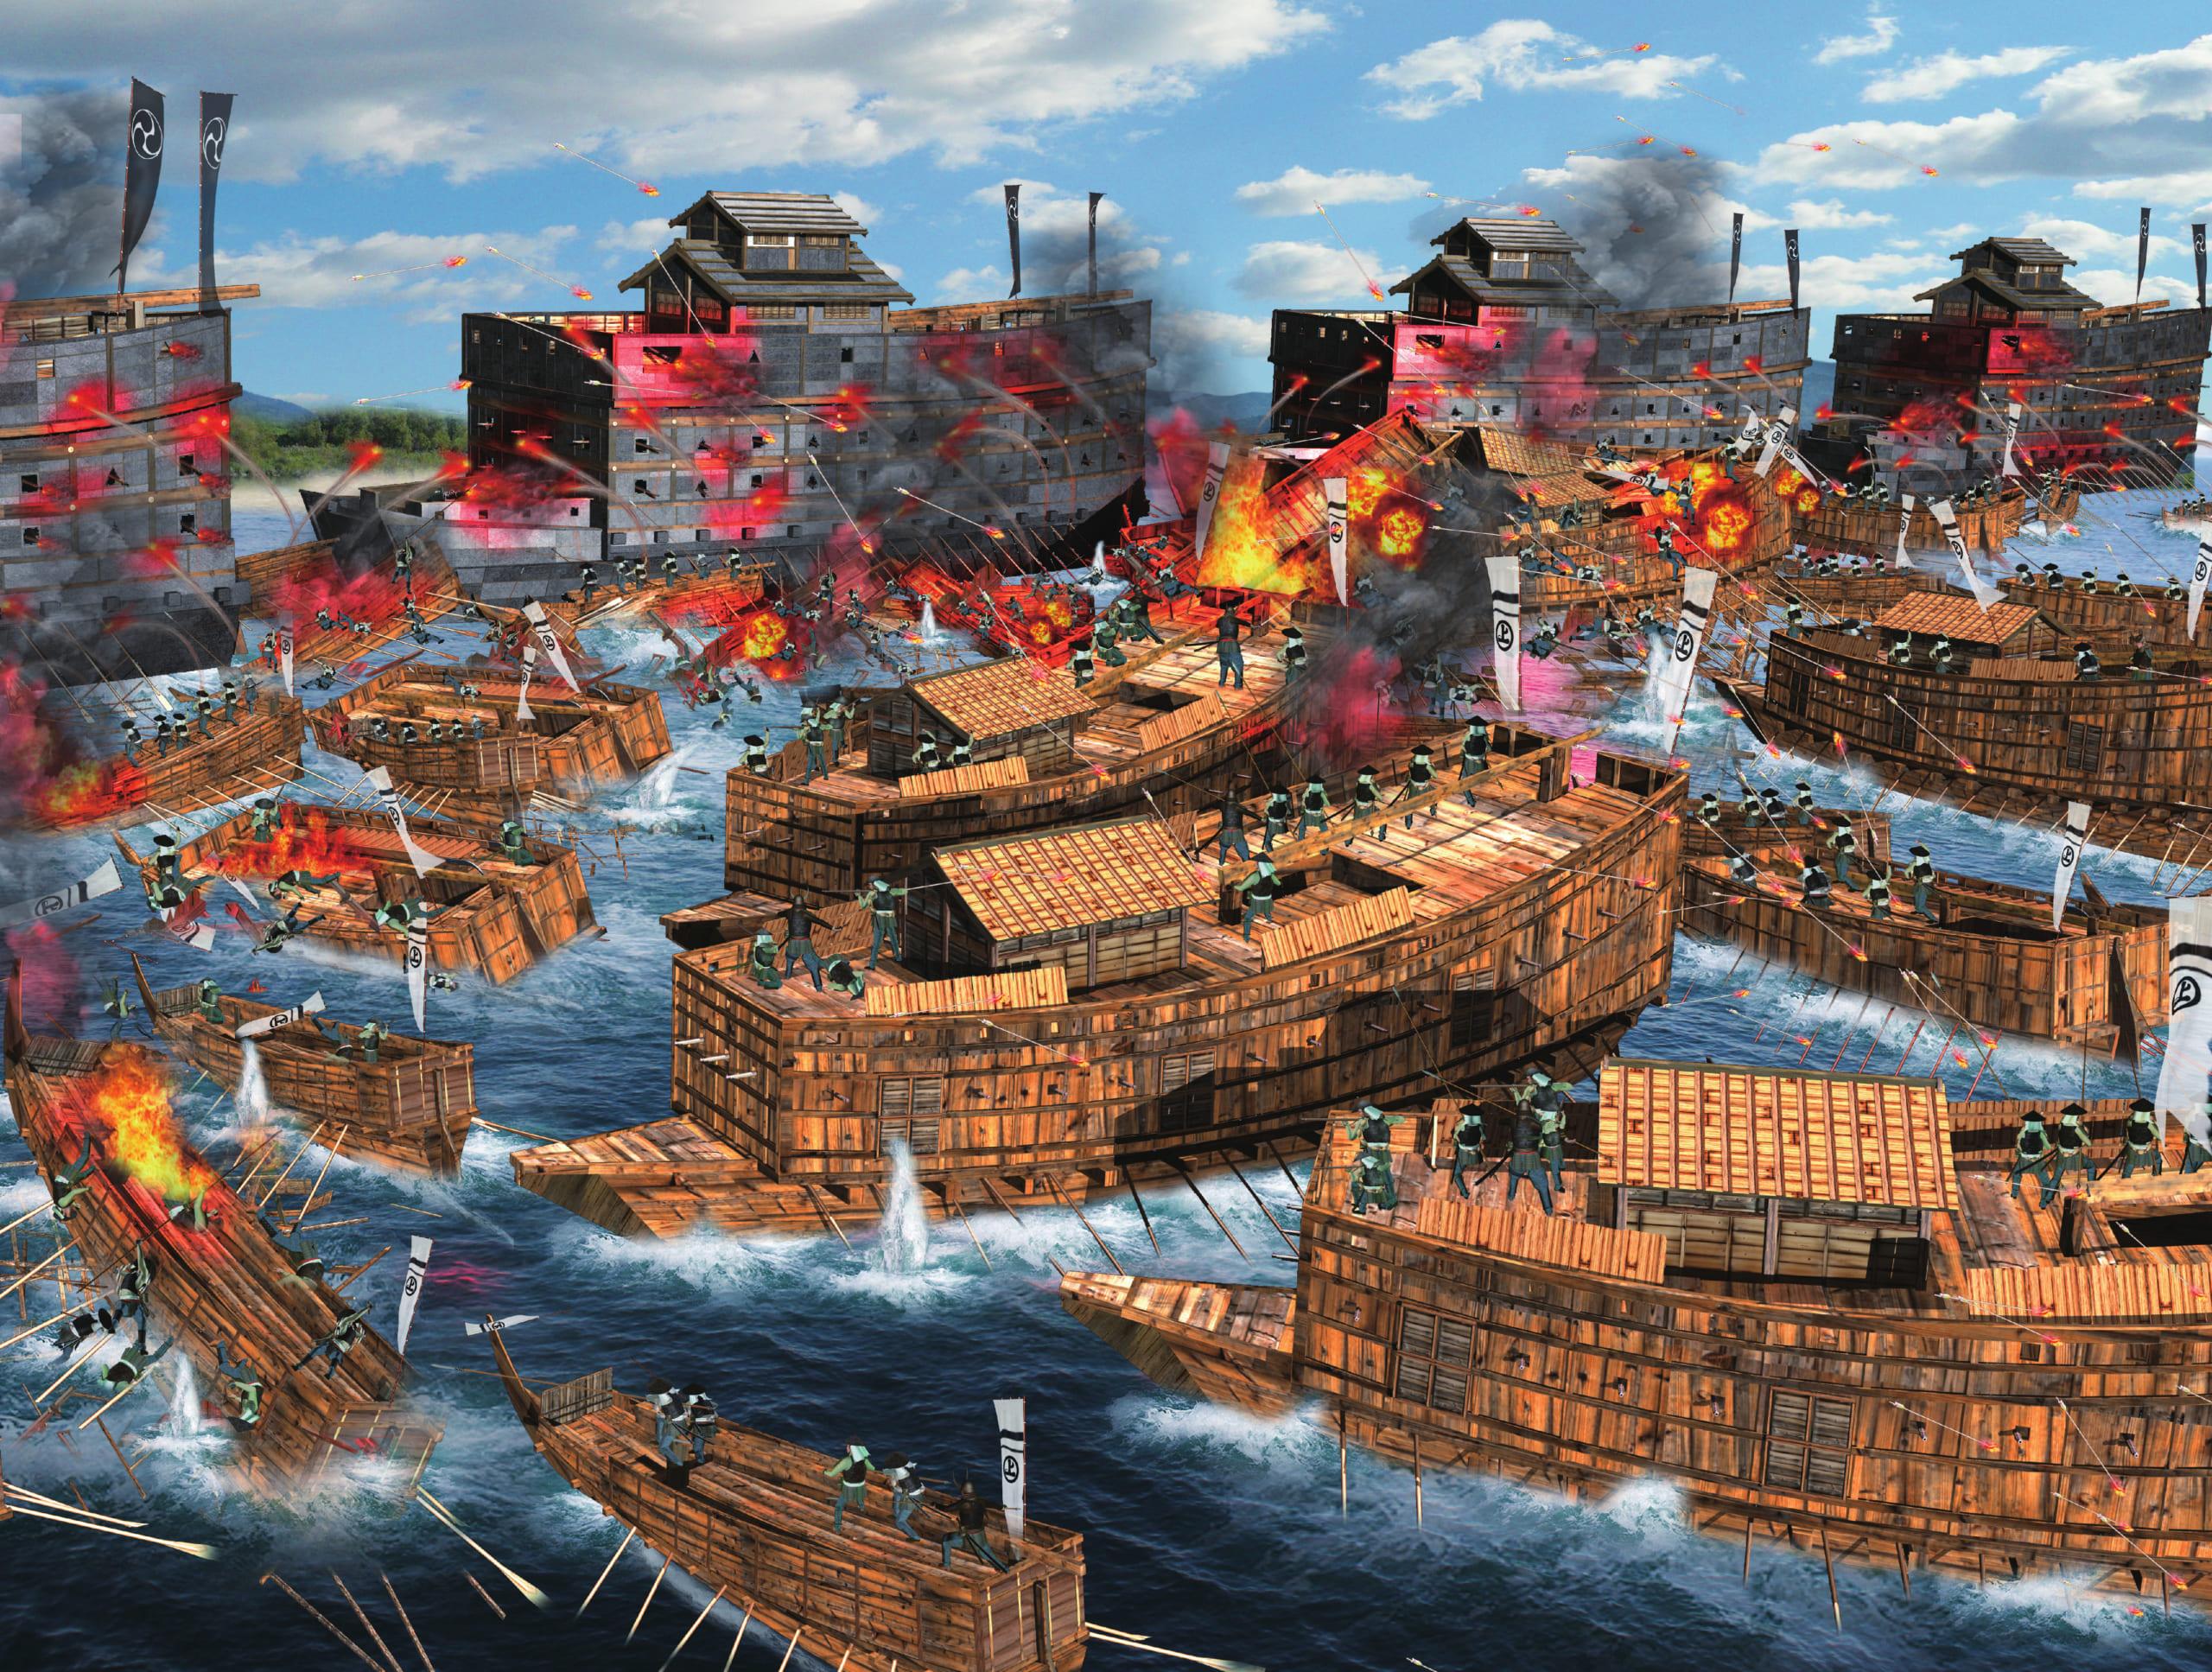 石山本願寺攻め1570〜80年<その4>~新兵器・鉄甲船で毛利水軍を撃破し 補給を絶つ!